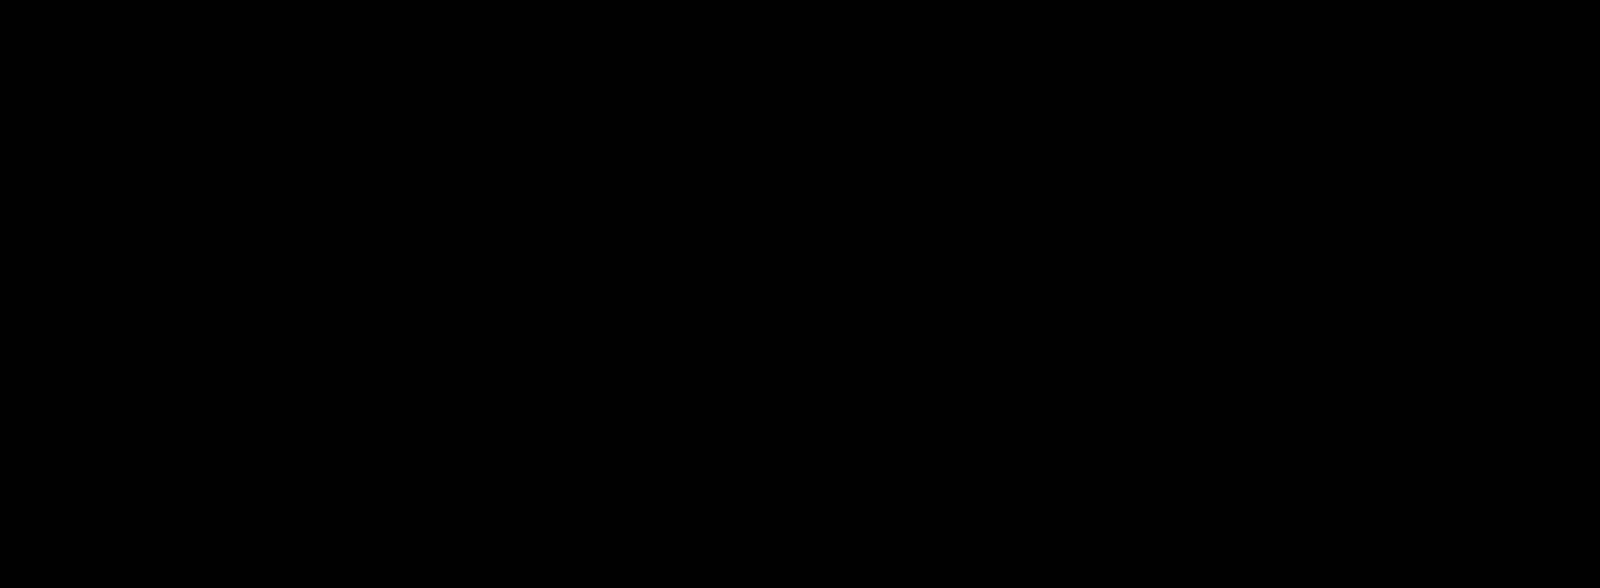 clipart design